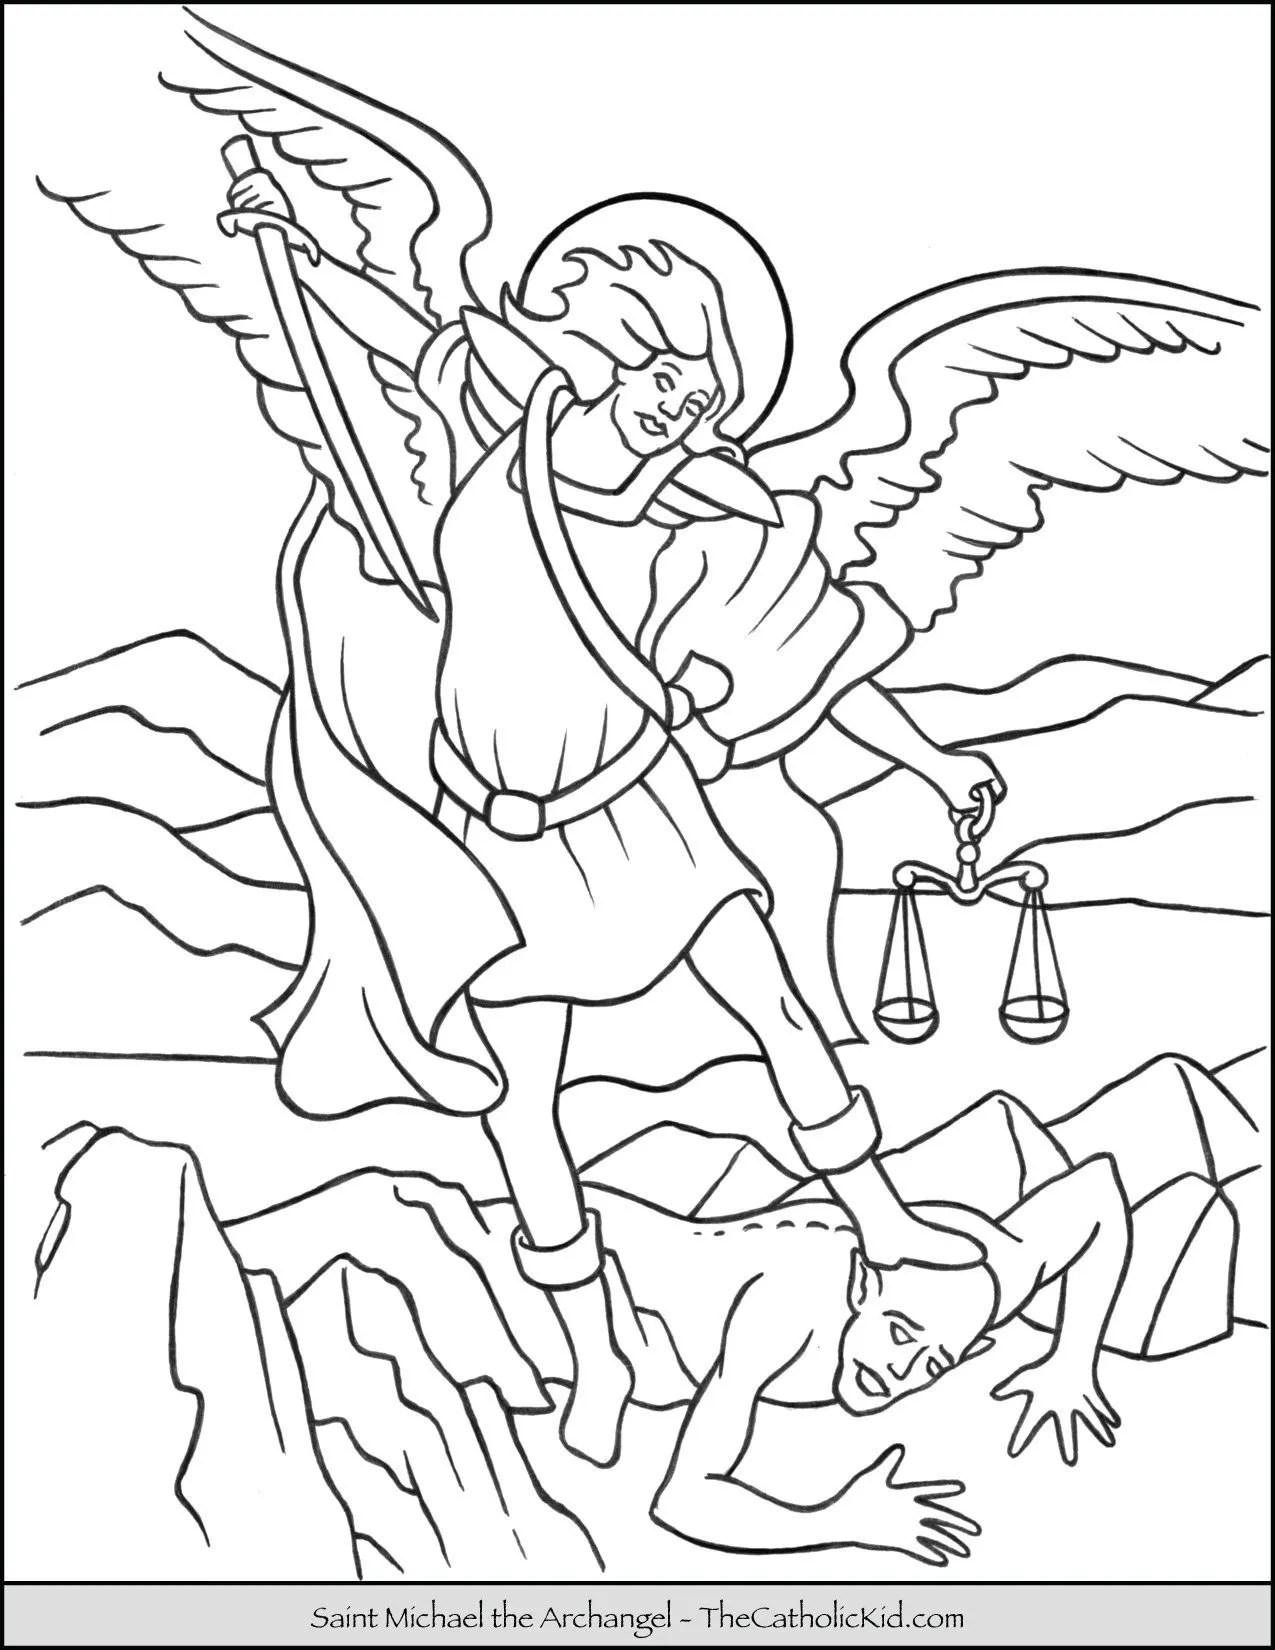 Saint Michael Archangel Coloring Page